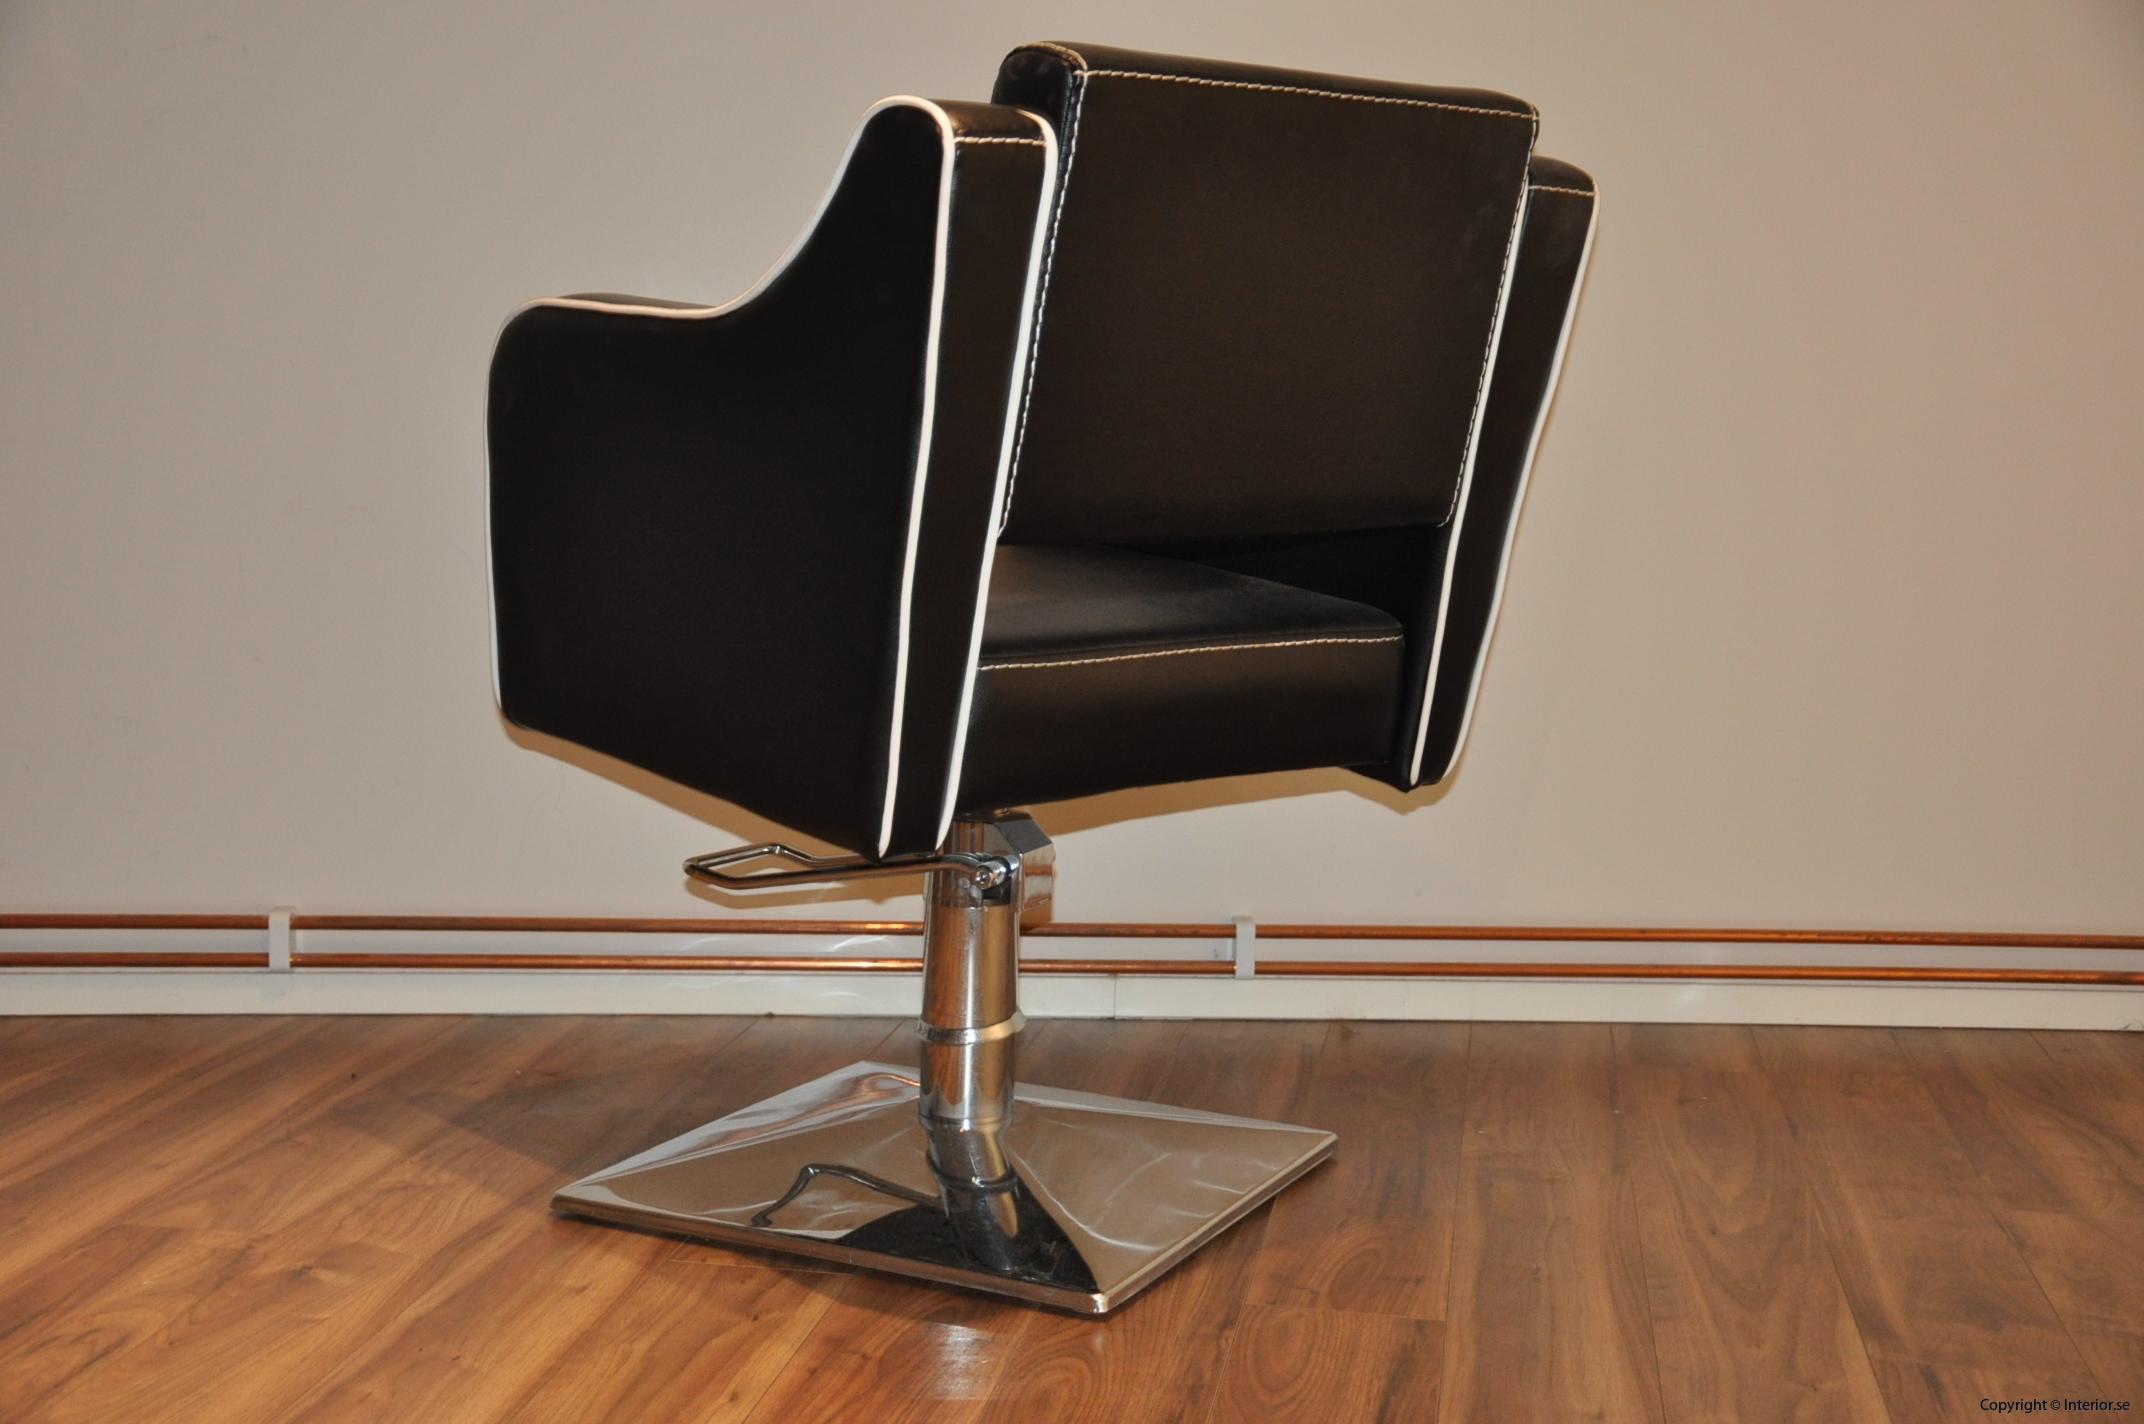 frisörstol friserstol salong stol möbler (3)